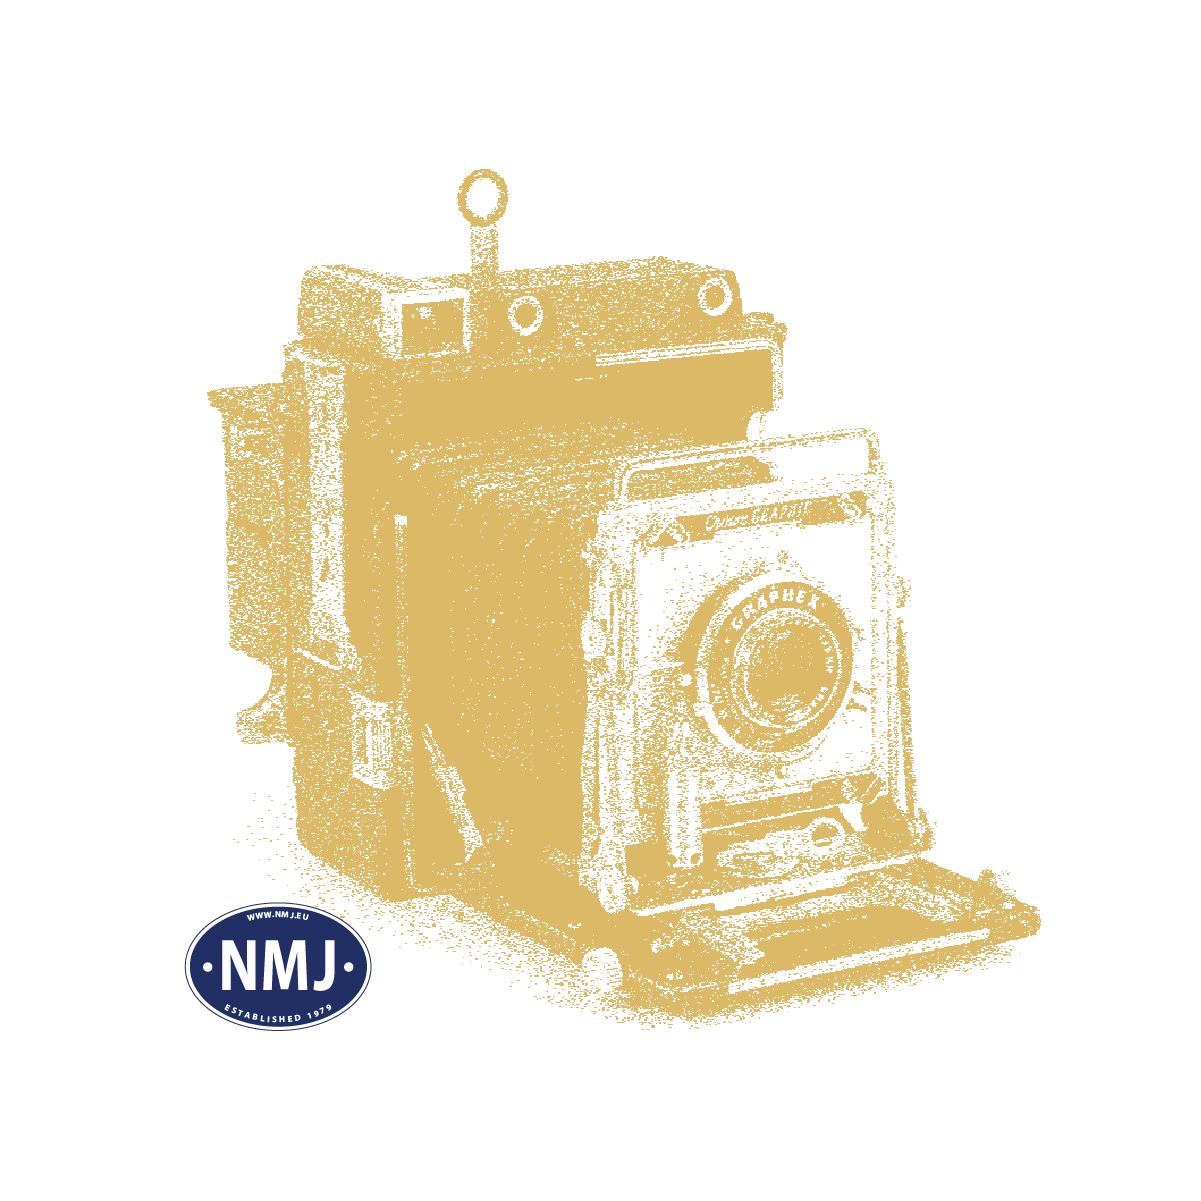 MBR50-3006 - Kleine Büsche dunkelgrün weidenblatt, 3 Stück, 4-6cm, N/TT/H0/0